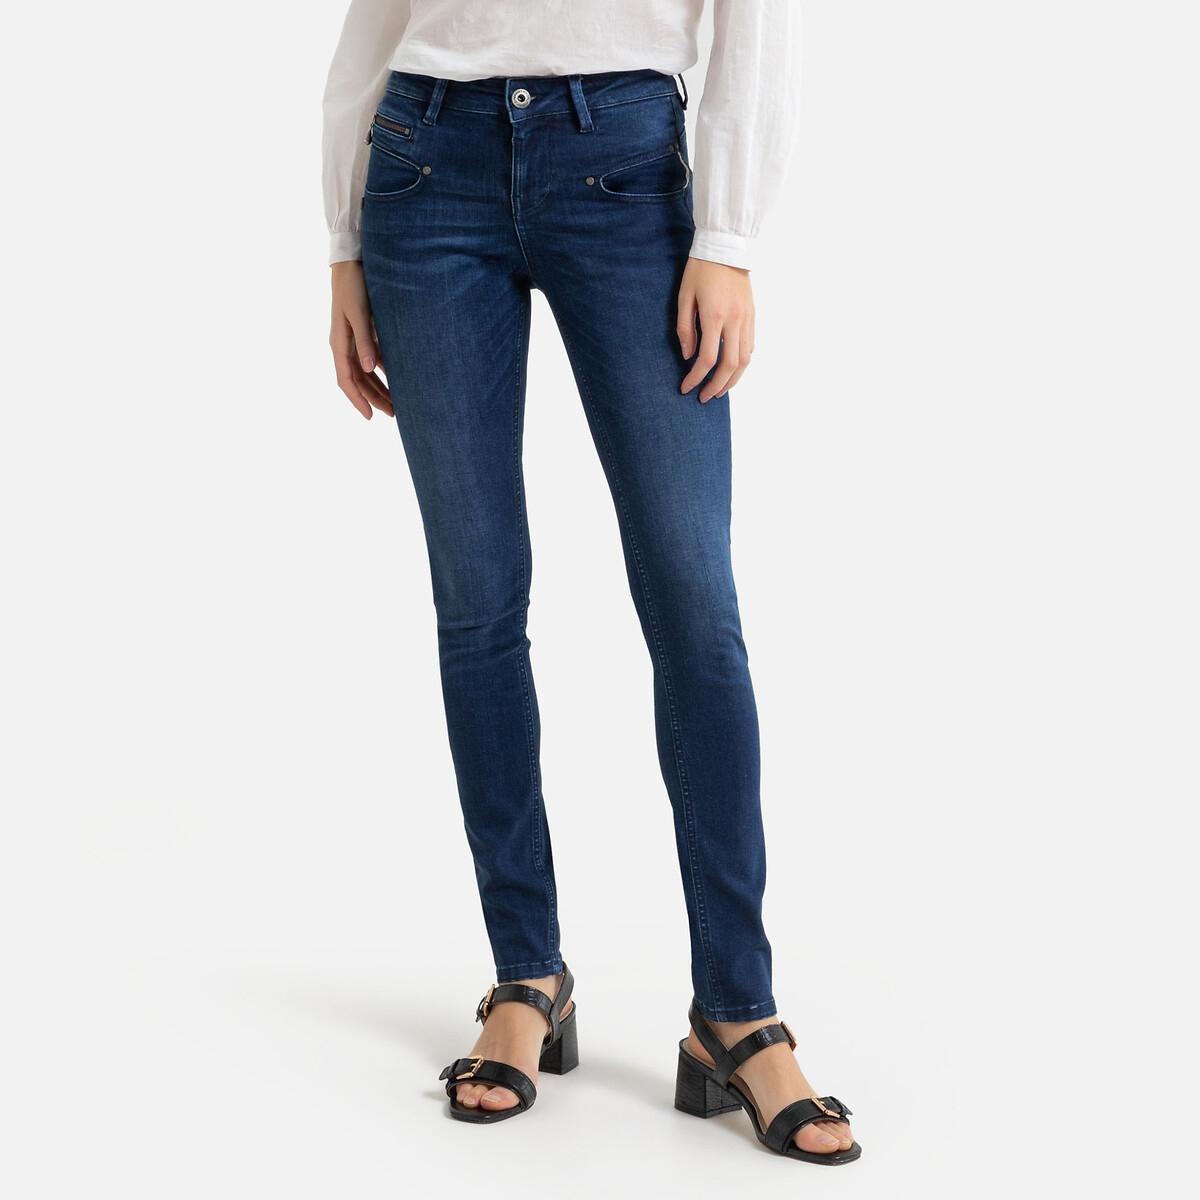 Джинсы La Redoute Узкие Alexa с завышенной талией M синий брюки la redoute широкие с завышенной талией и стилизованным рисунком m красный